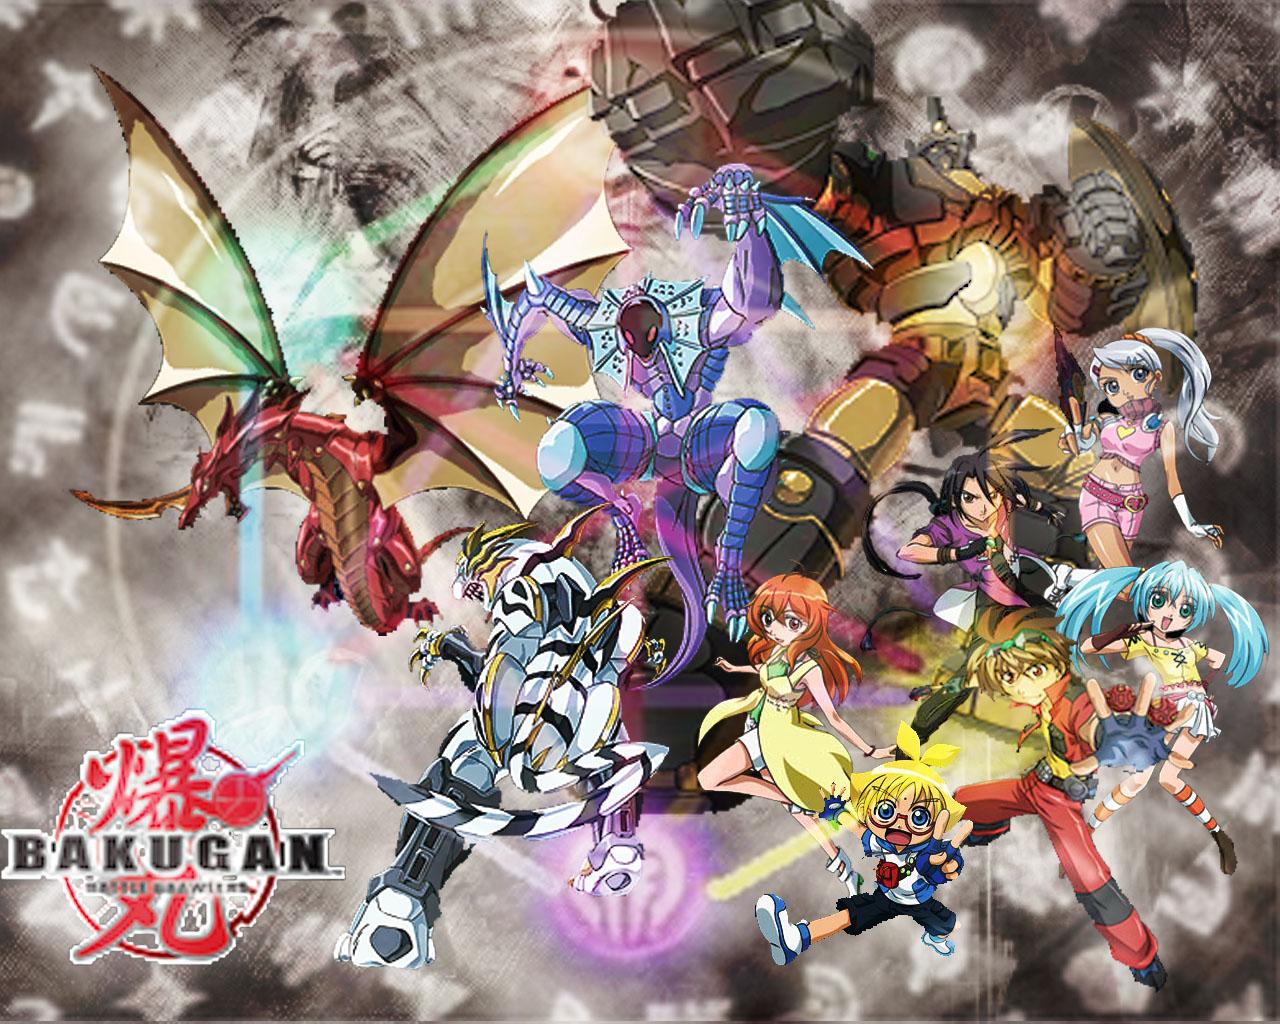 http://3.bp.blogspot.com/_1AahBY9IEXU/TDN4WiG3Q3I/AAAAAAAAAEc/iO9QpI7Y1Vw/s1600/bakugan_wallpaper_by_ohitsjoe5.jpg